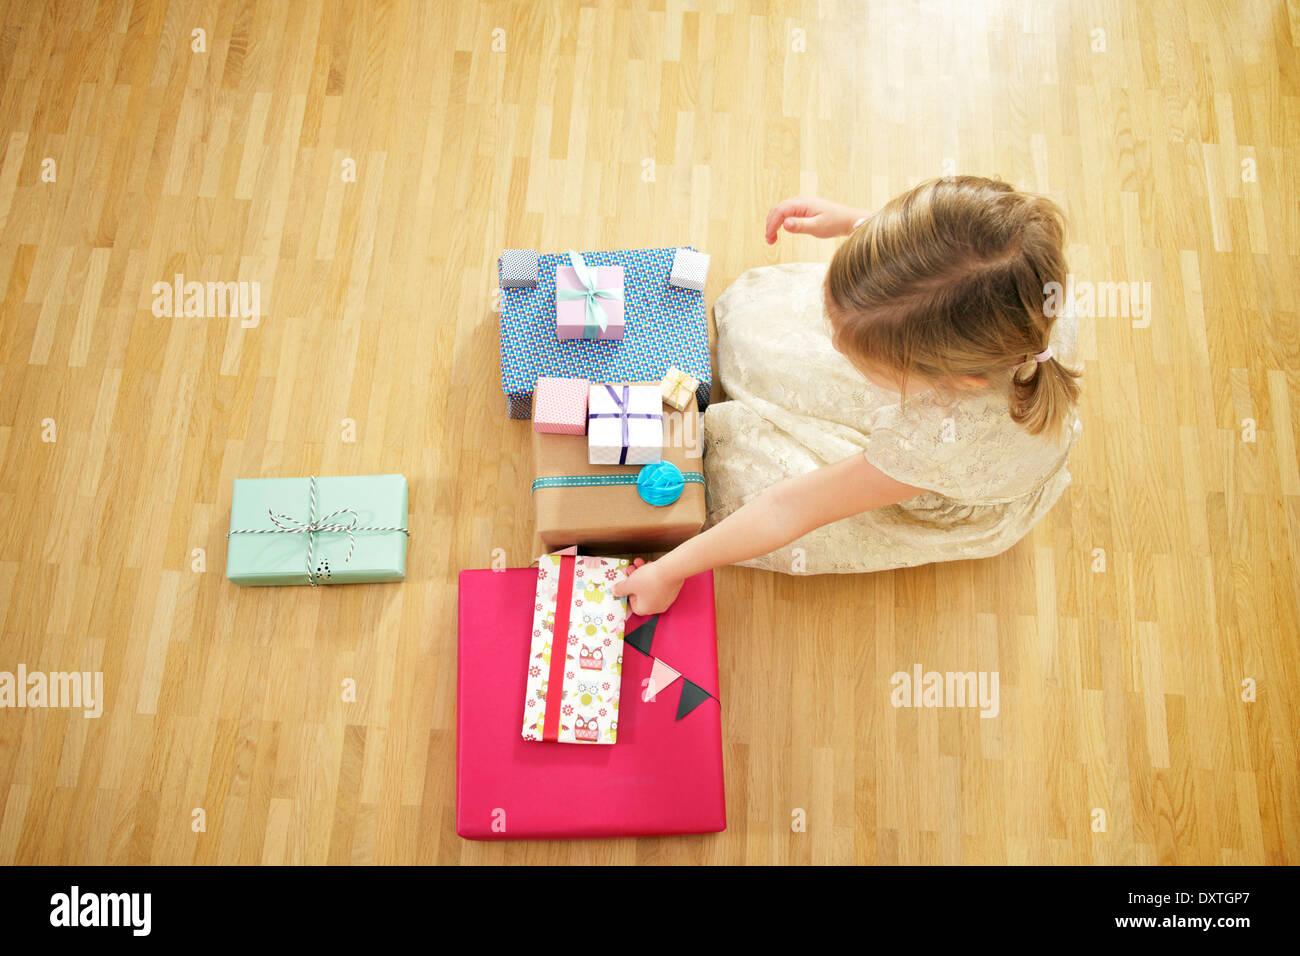 Mädchen auf Geburtstag Party Auspacken Geschenkboxen, München, Bayern, Deutschland Stockbild